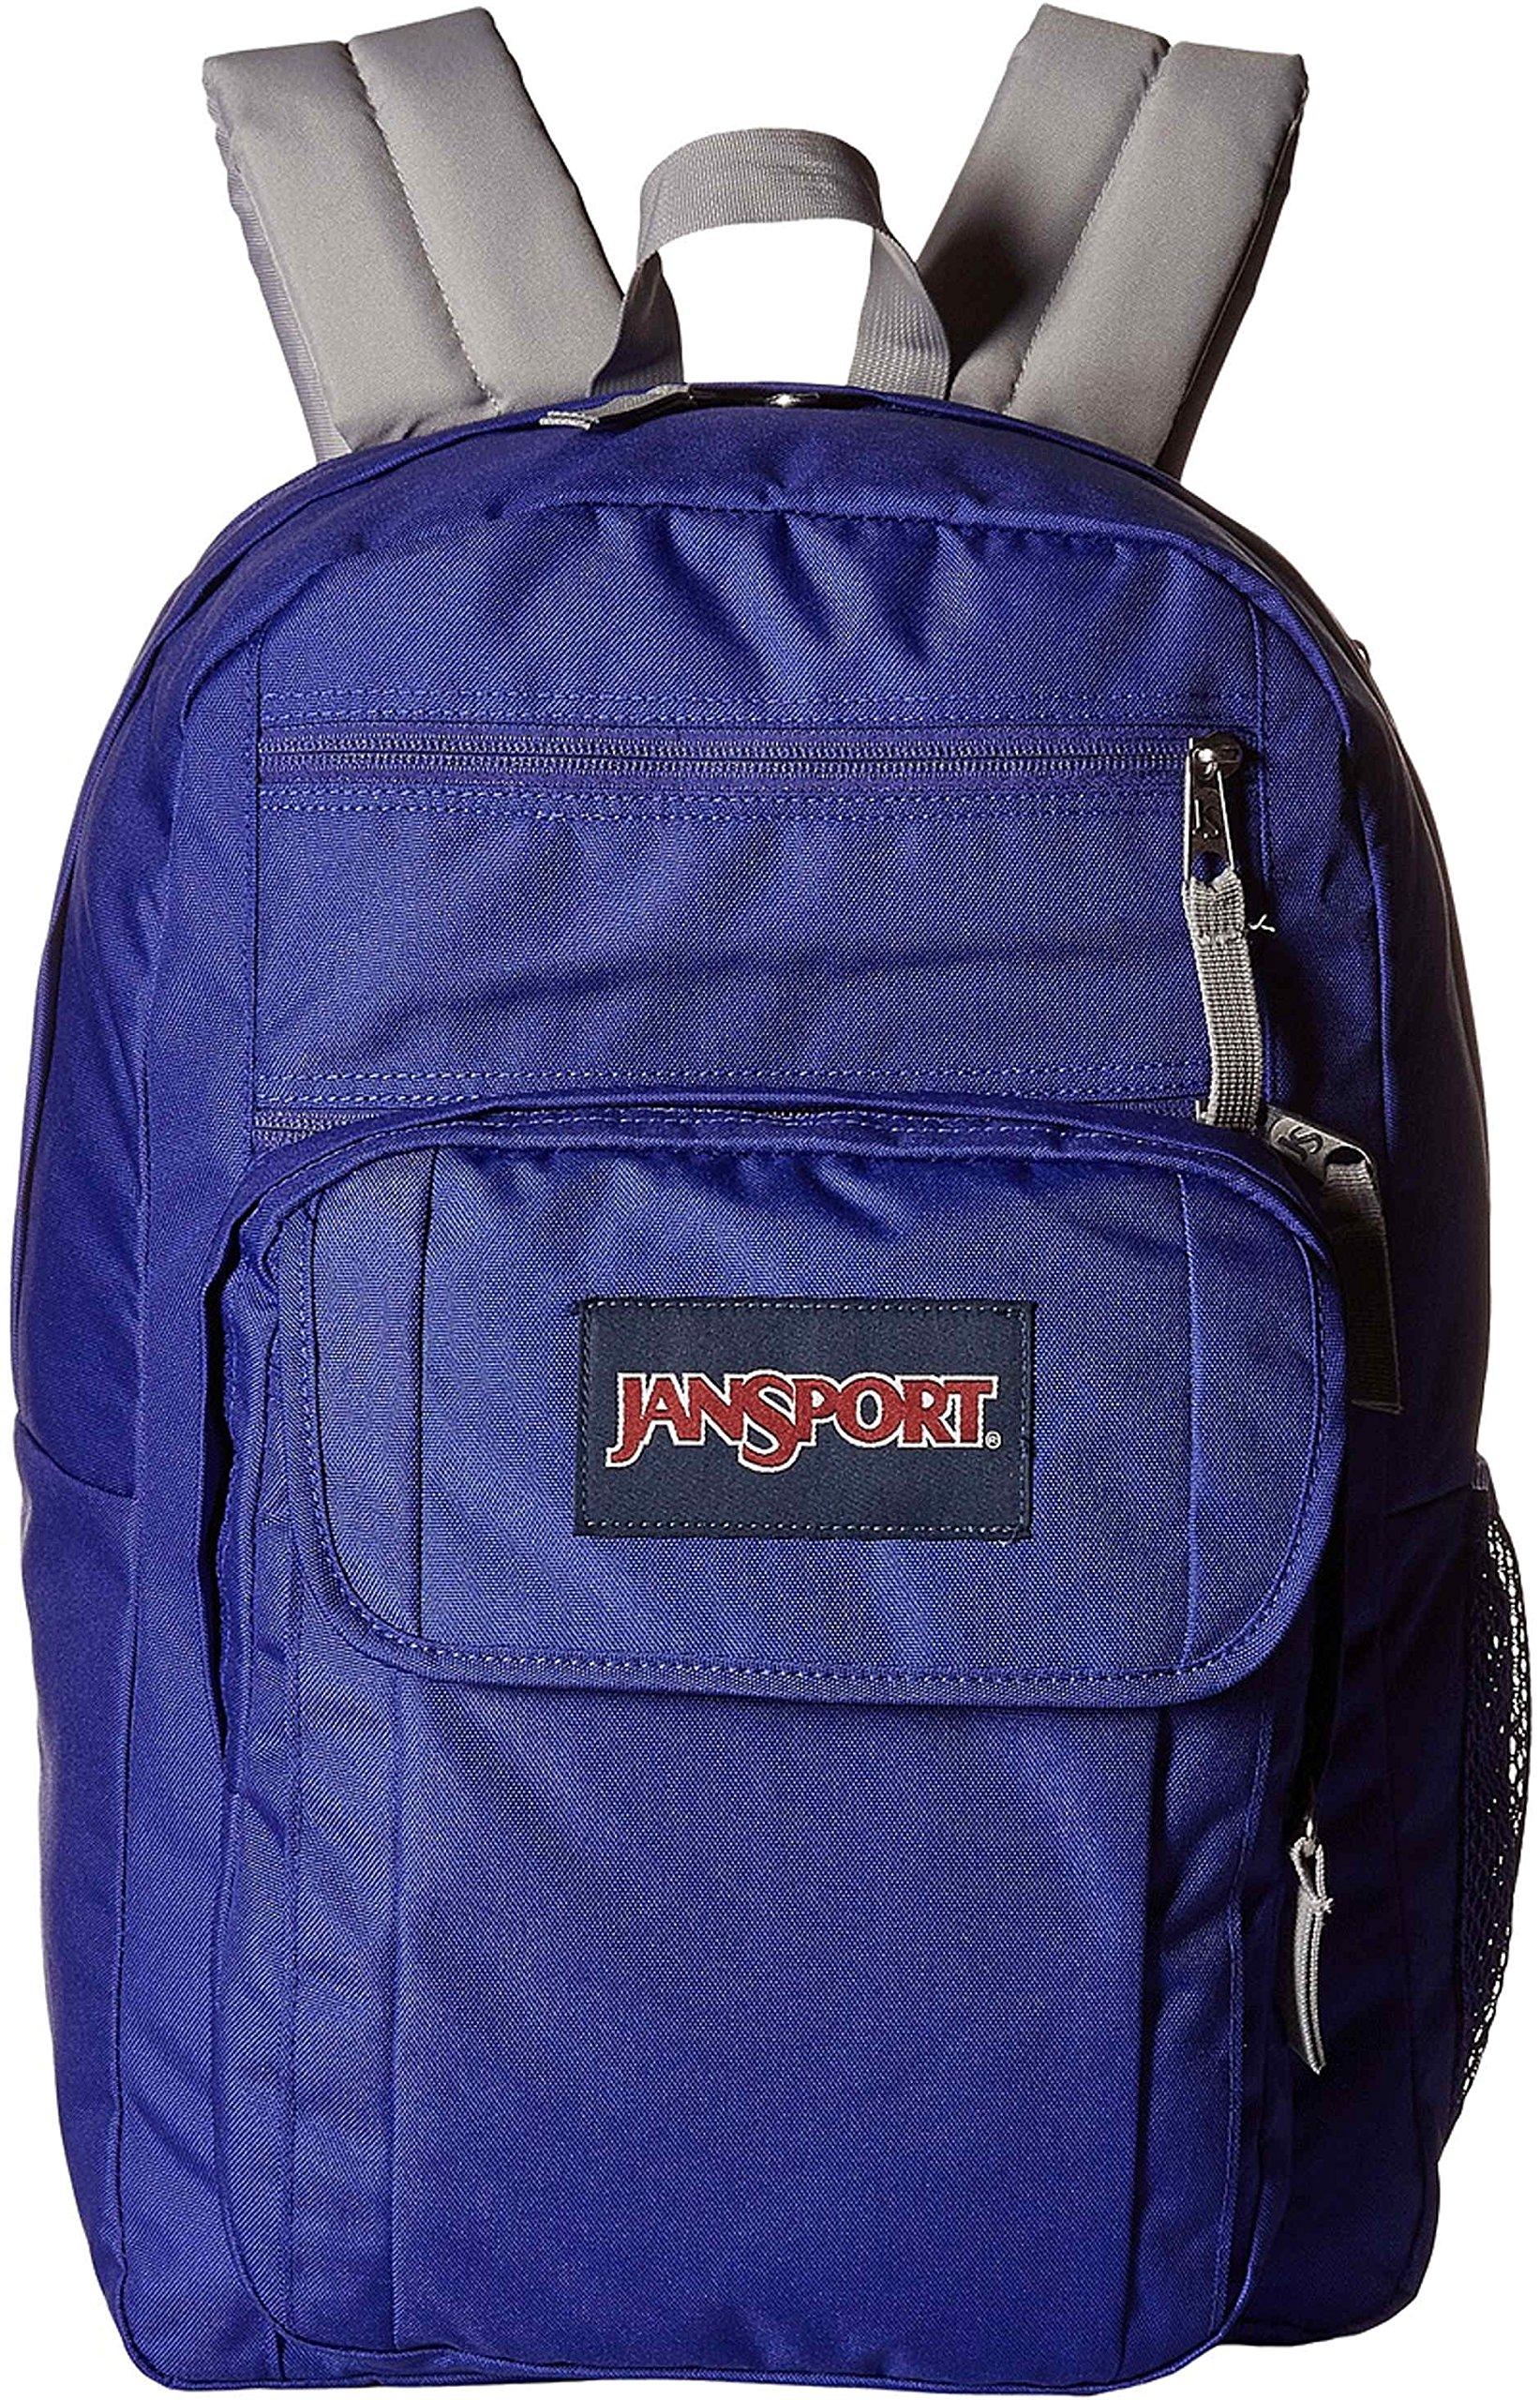 JanSport Unisex Digital Student Violet Purple Backpack